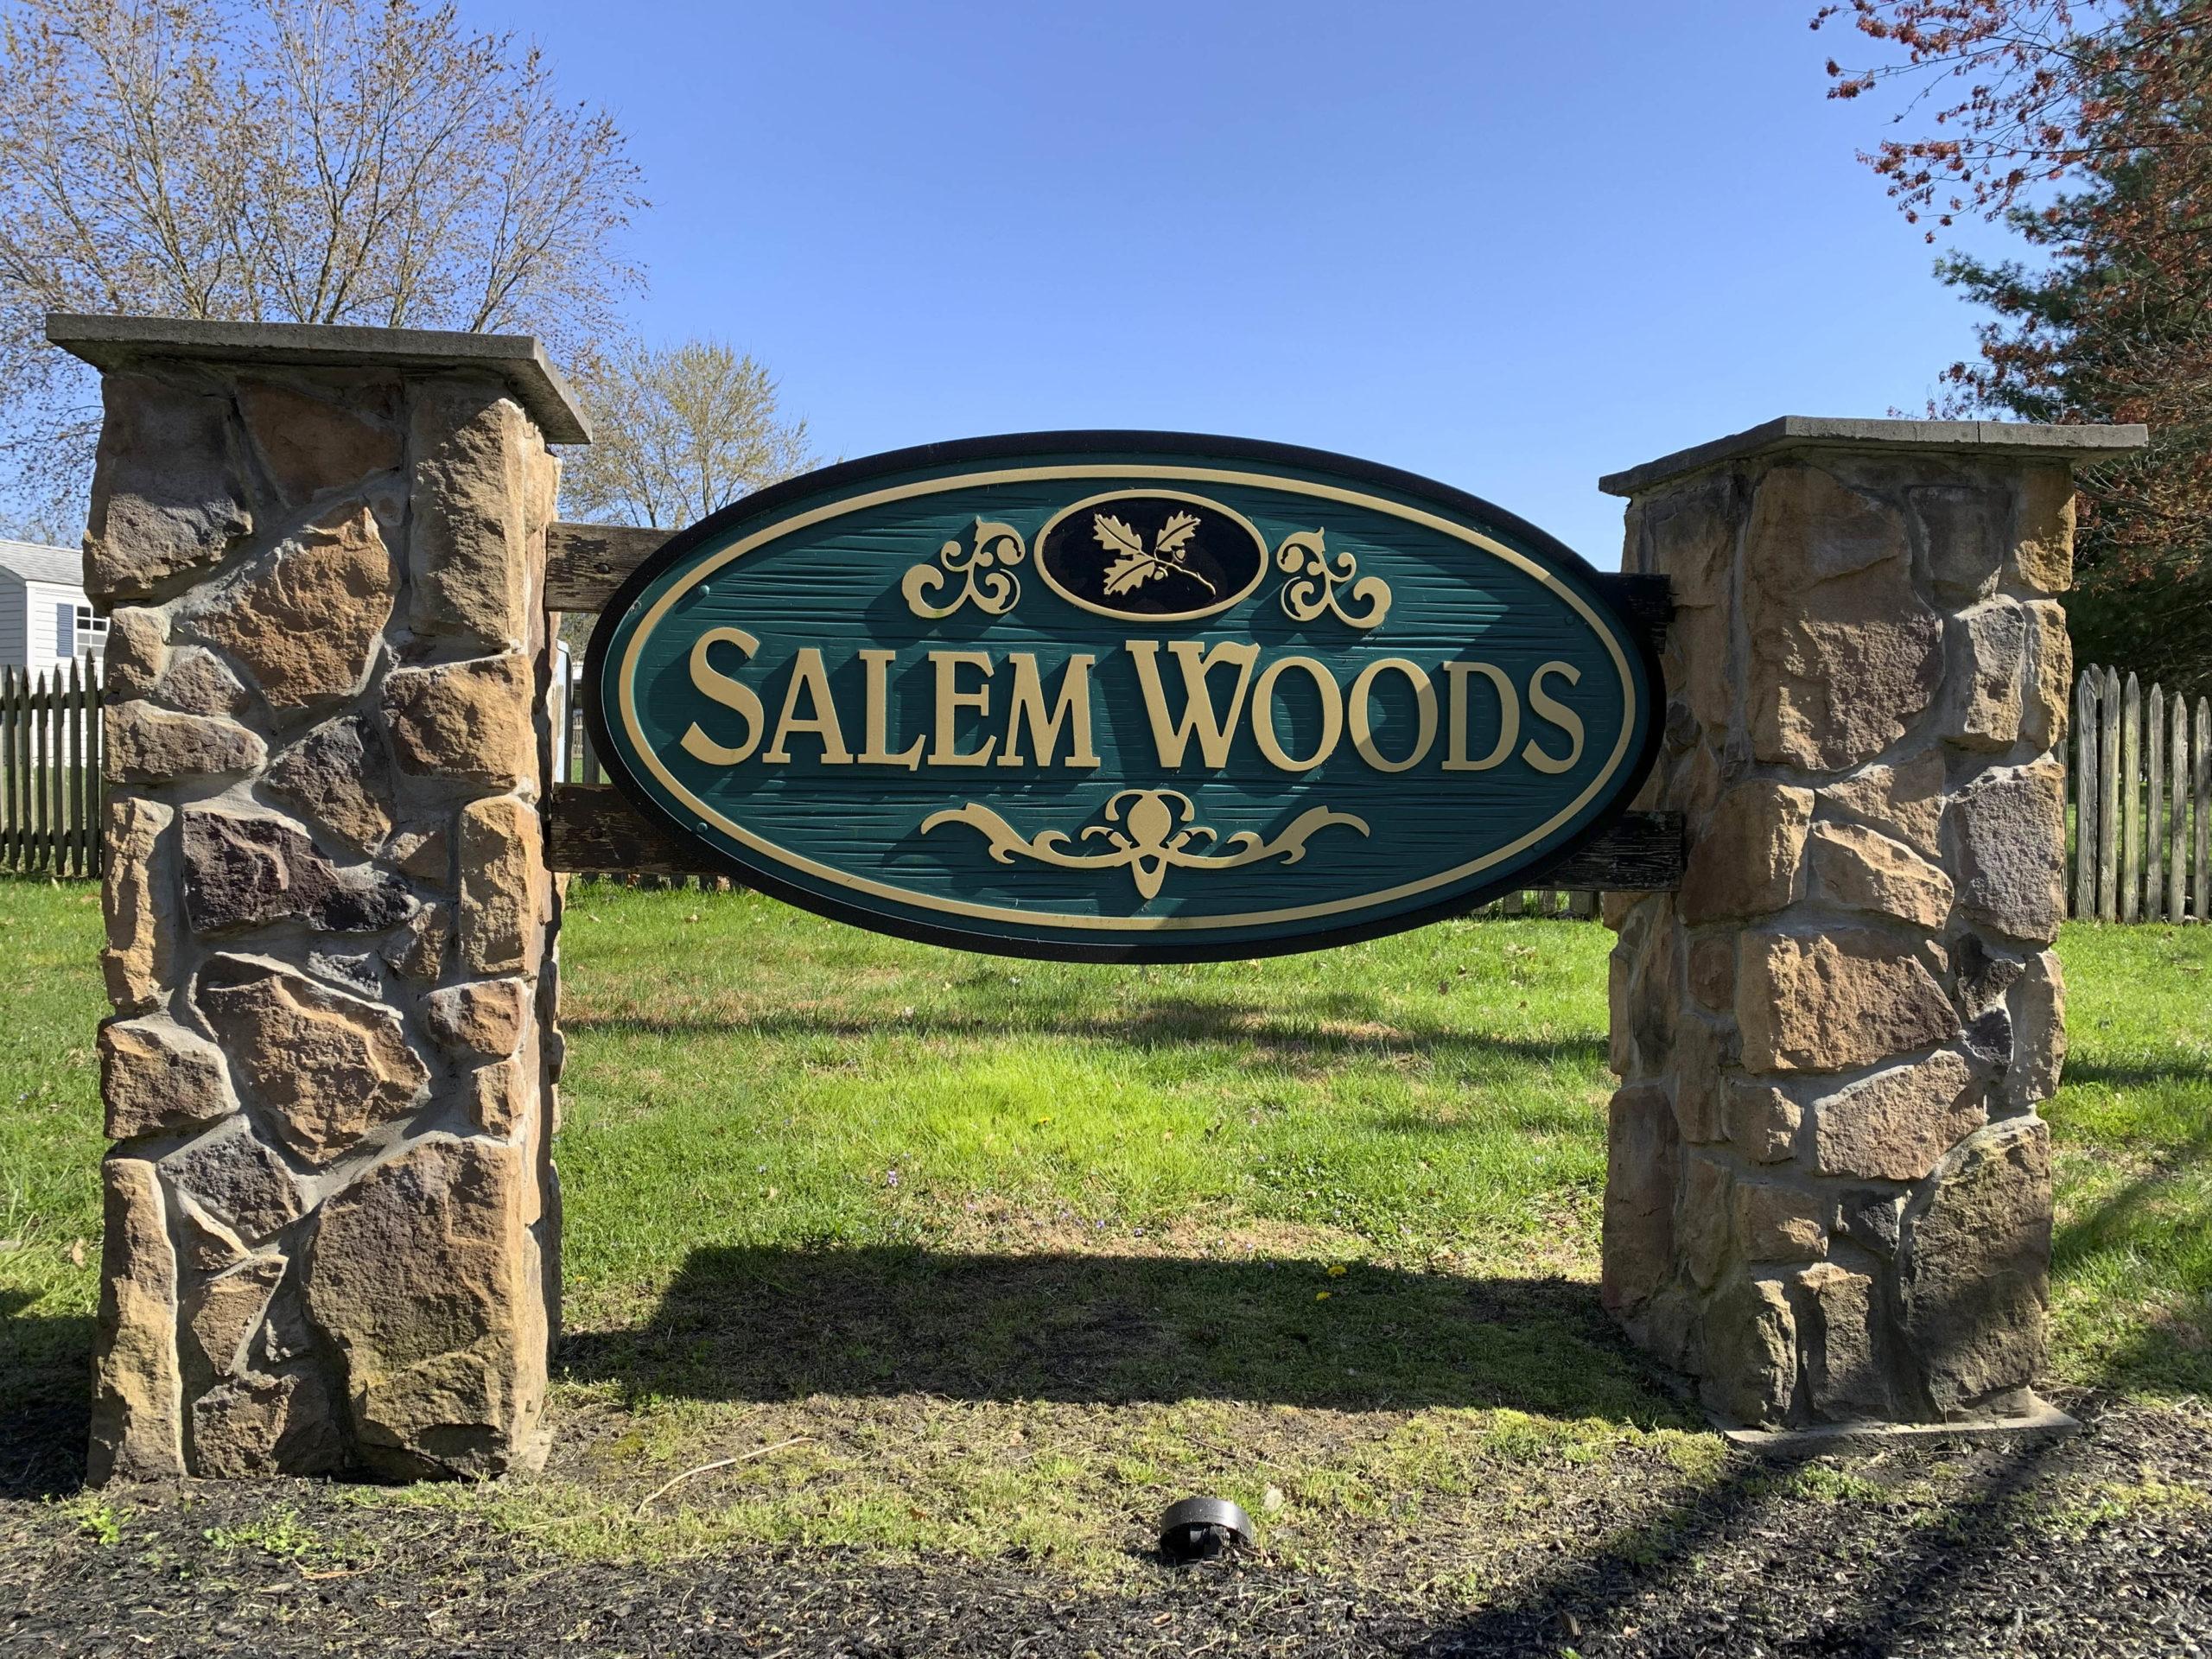 Salem Woods Homes for Sale - Team O'Donnell - Keller ...